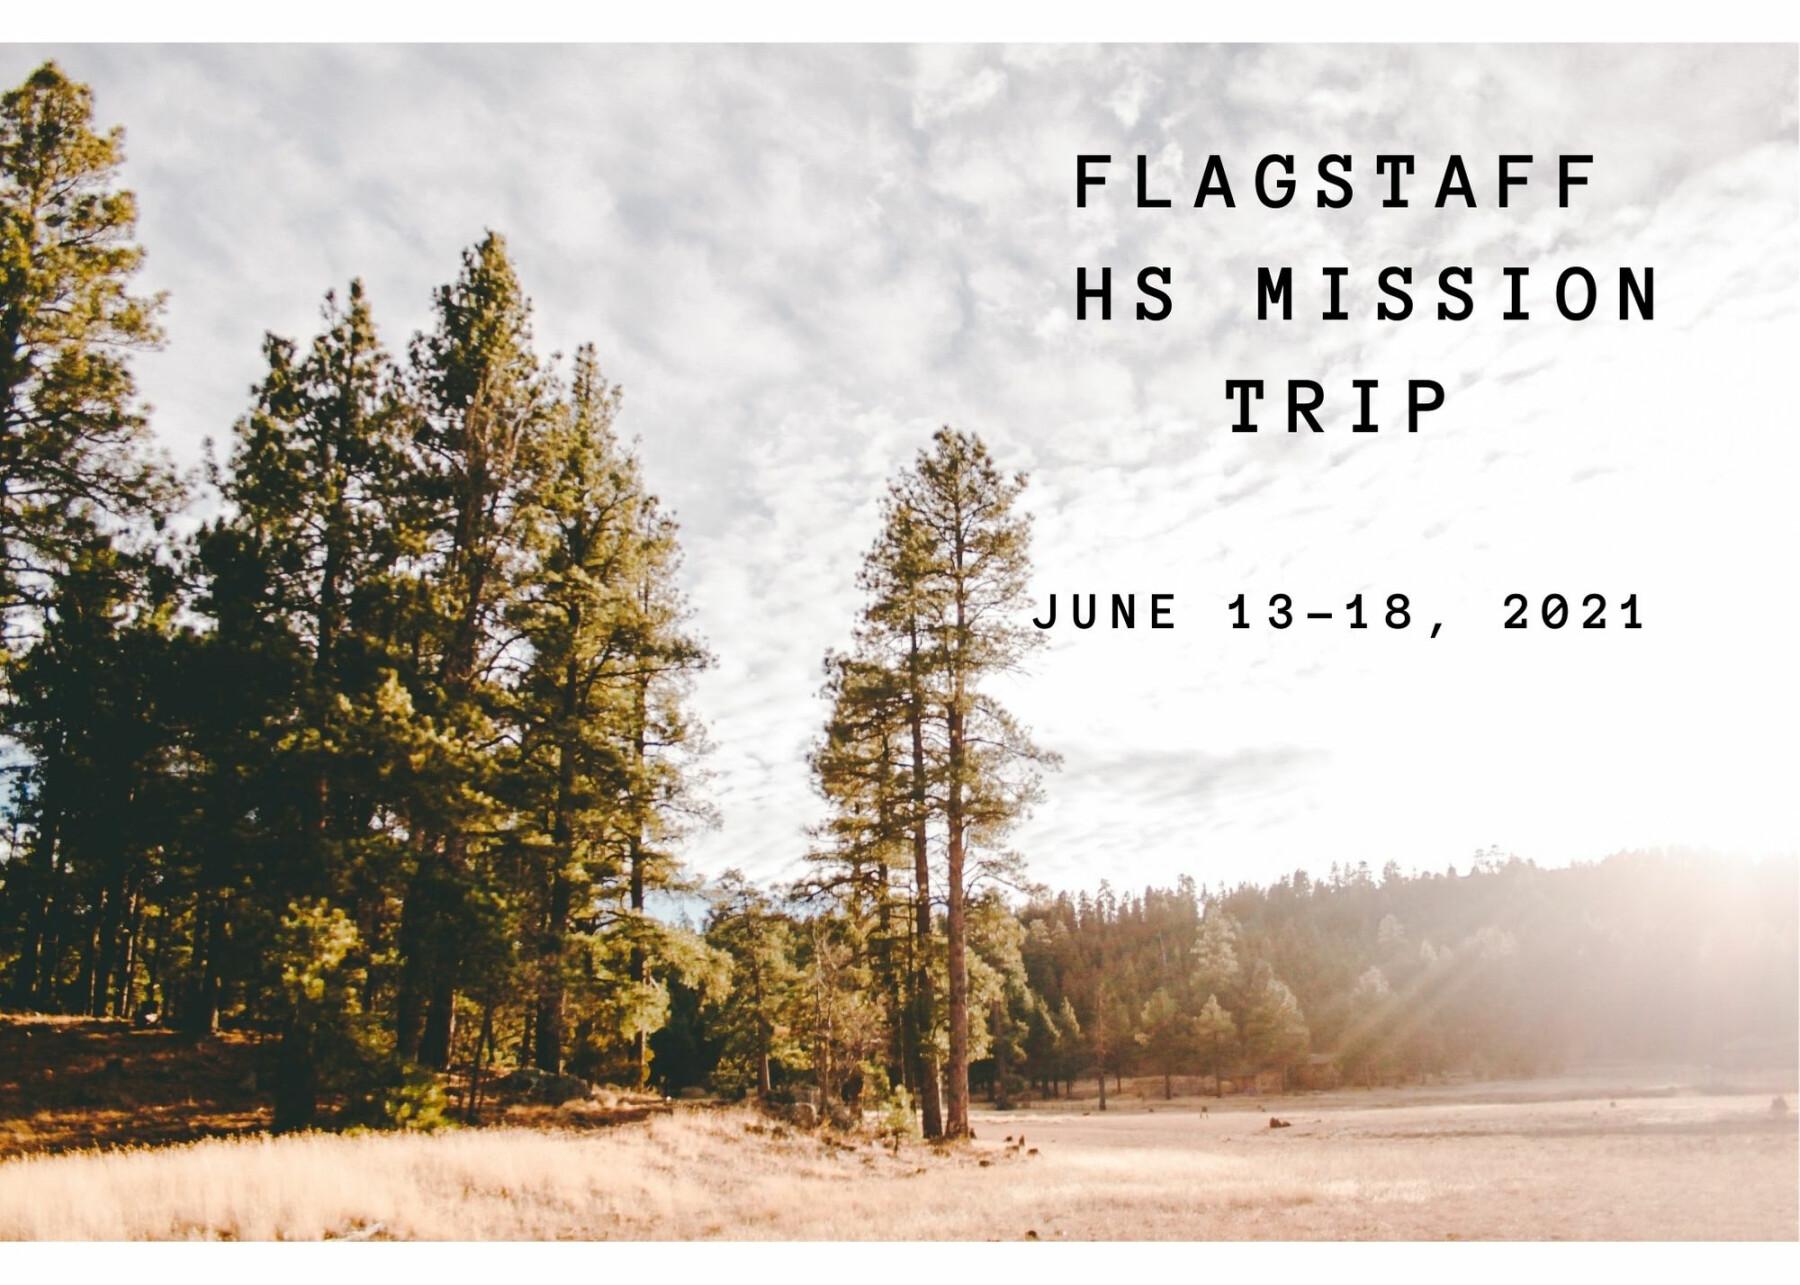 High School Mission Trip- Flagstaff, AZ